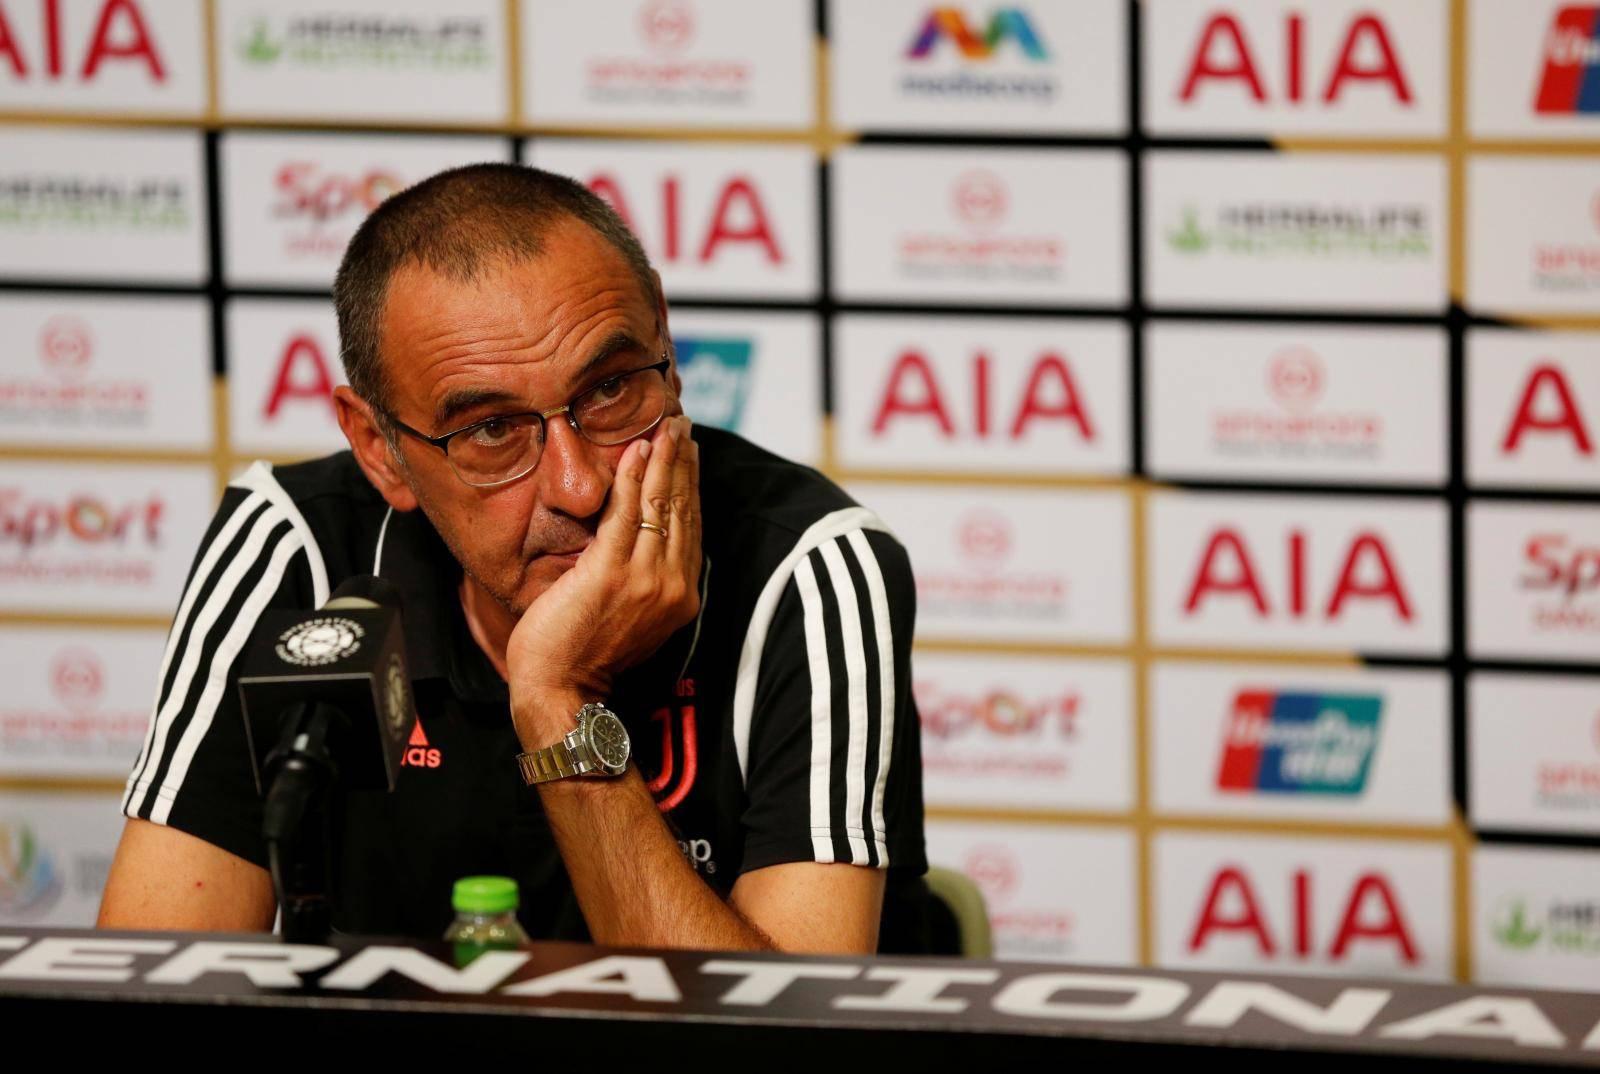 International Champions Cup - Juventus v Tottenham Hotspur